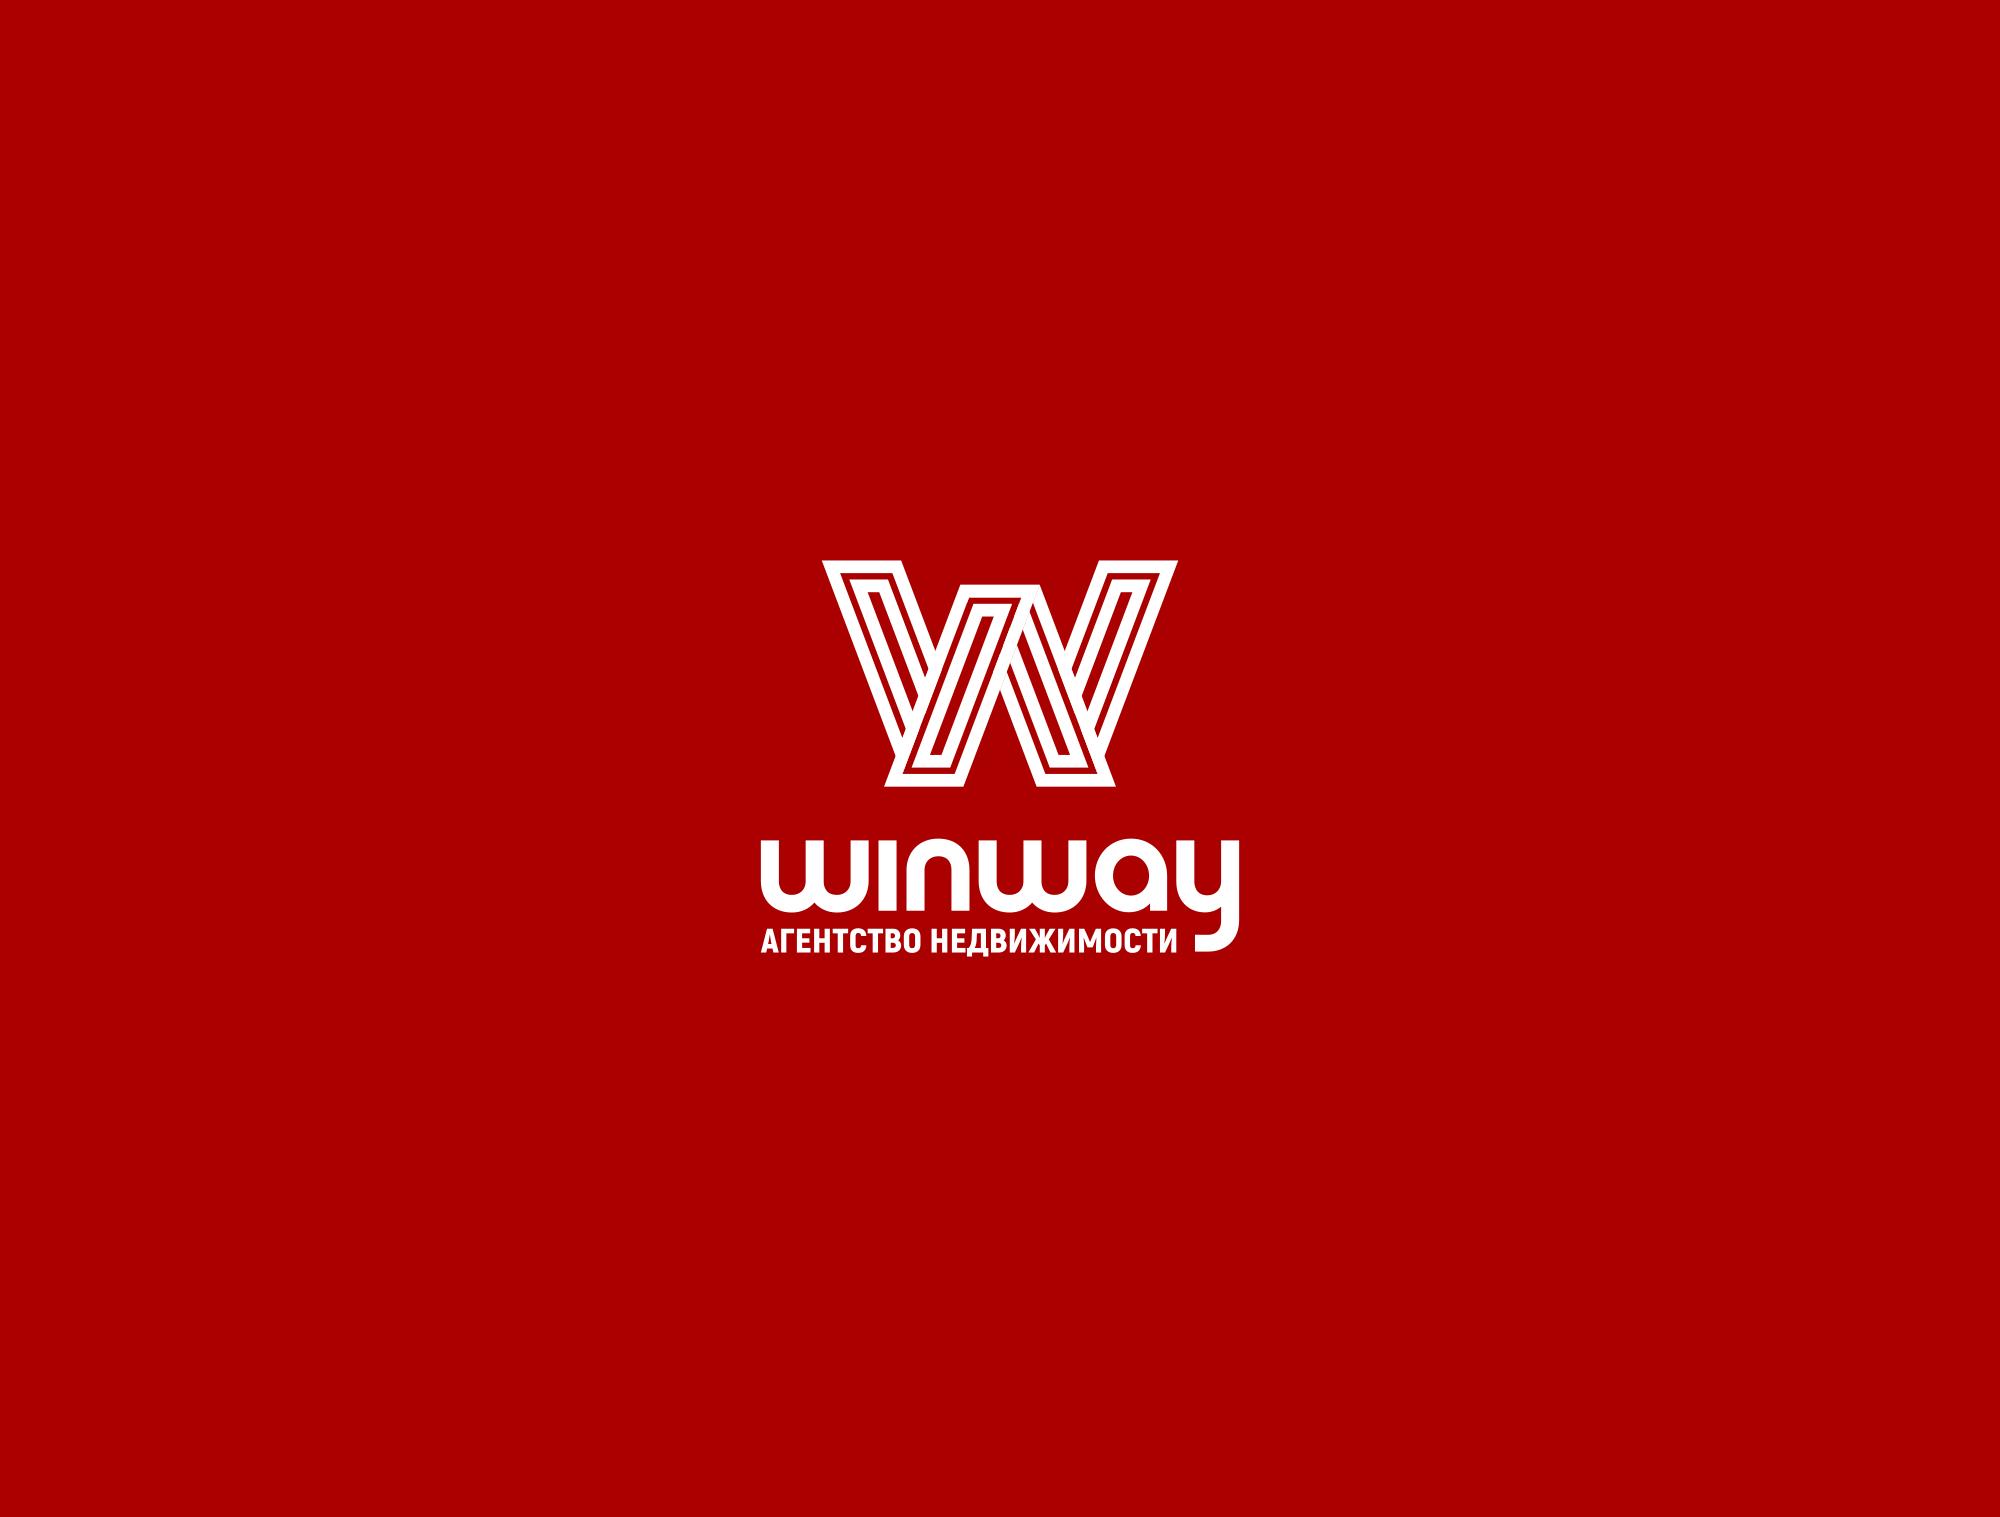 Логотип для агентства недвижимости фото f_4845aa9bbe66e2aa.png